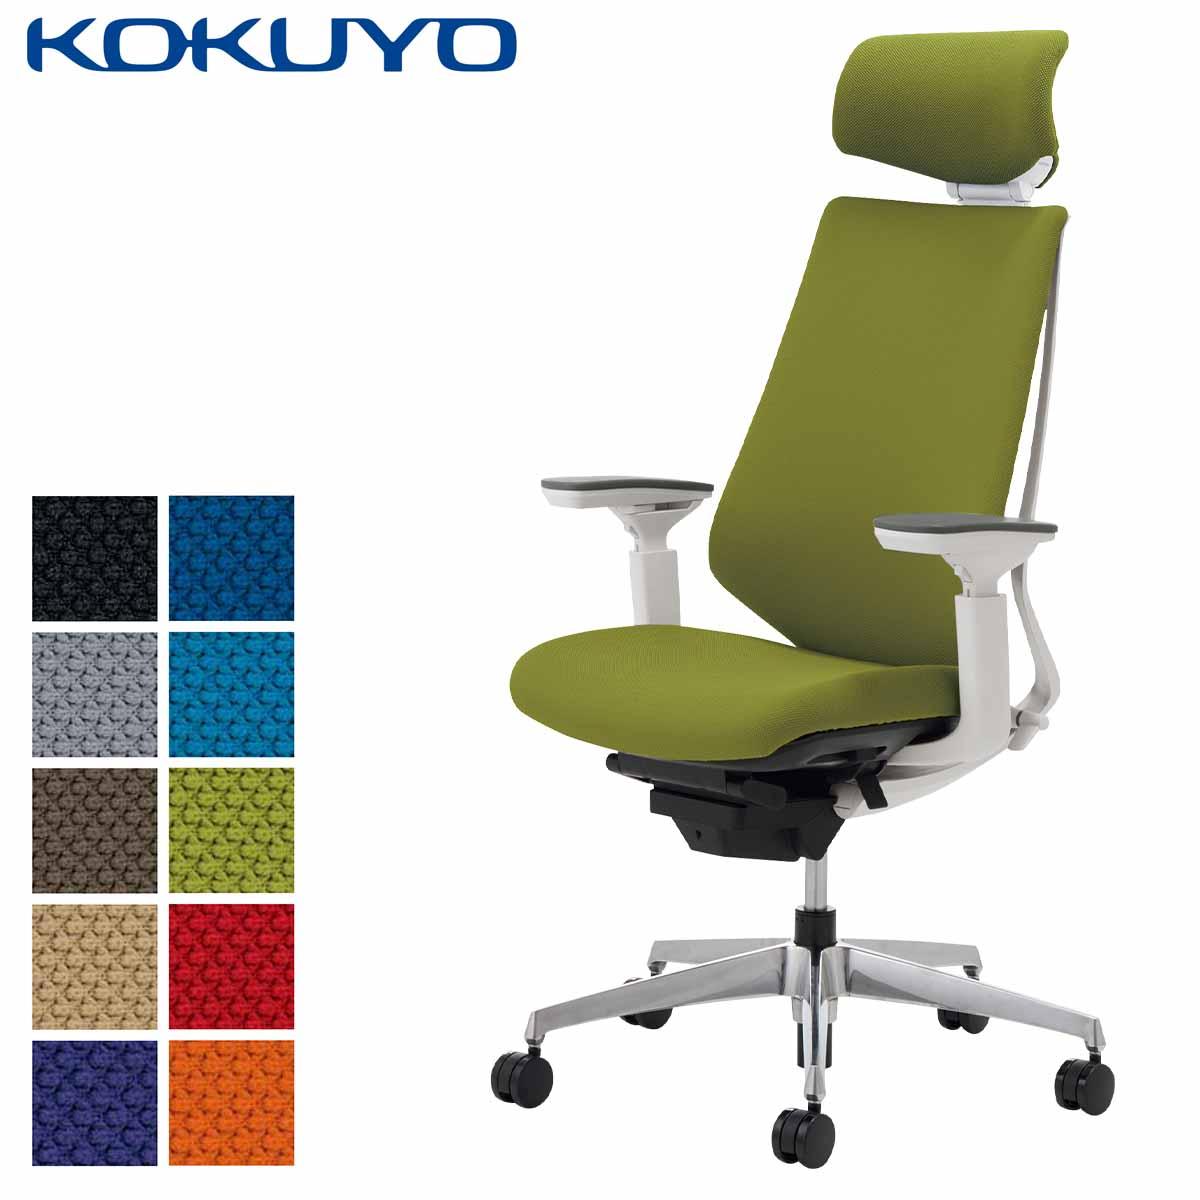 コクヨ デスクチェア オフィスチェア 椅子 duora デュオラ CR-GA3115E1 クッションタイプ ヘッドレスト付き 可動肘 ホワイトフレーム アルミポリッシュ脚 -v フローリング用キャスター